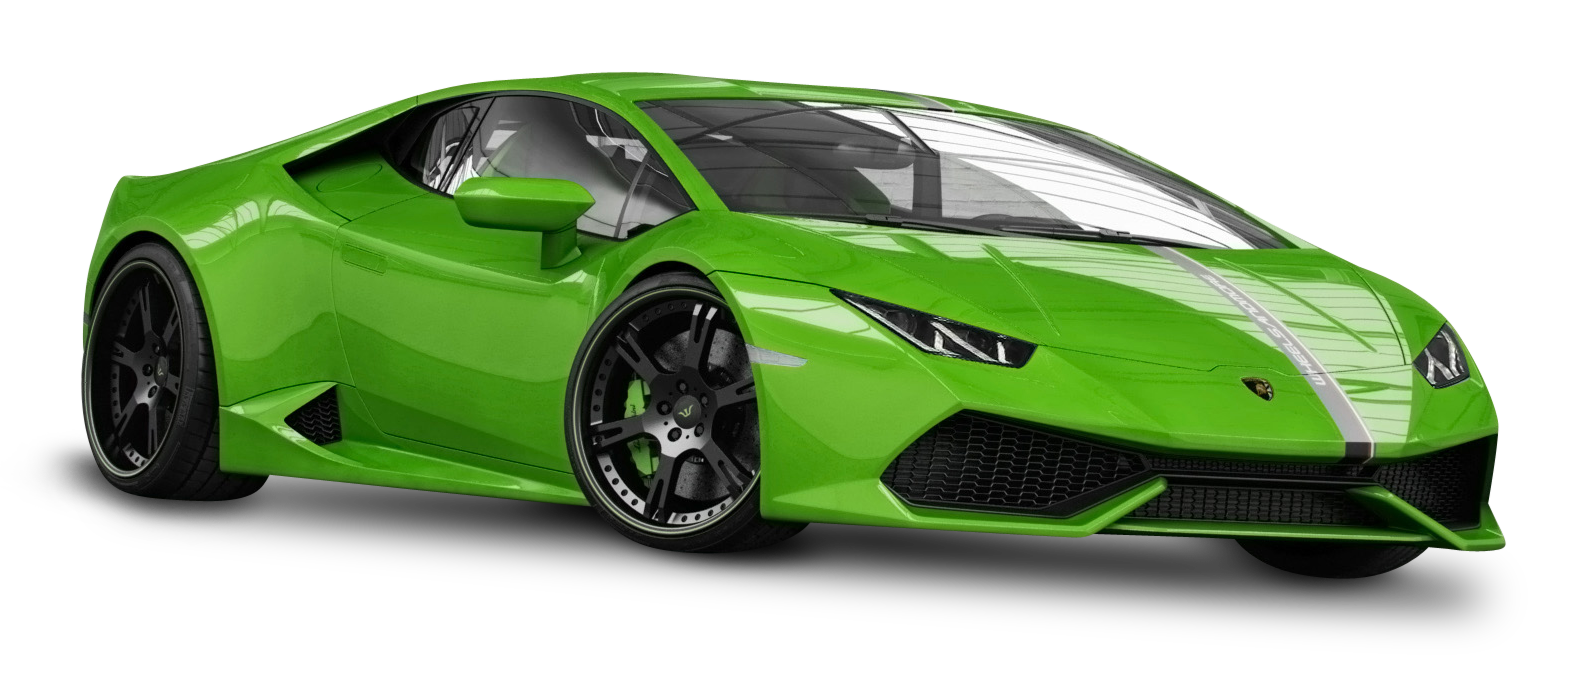 Green Lamborghini Huracan Car Png Image Green Lamborghini Car Best Classic Cars